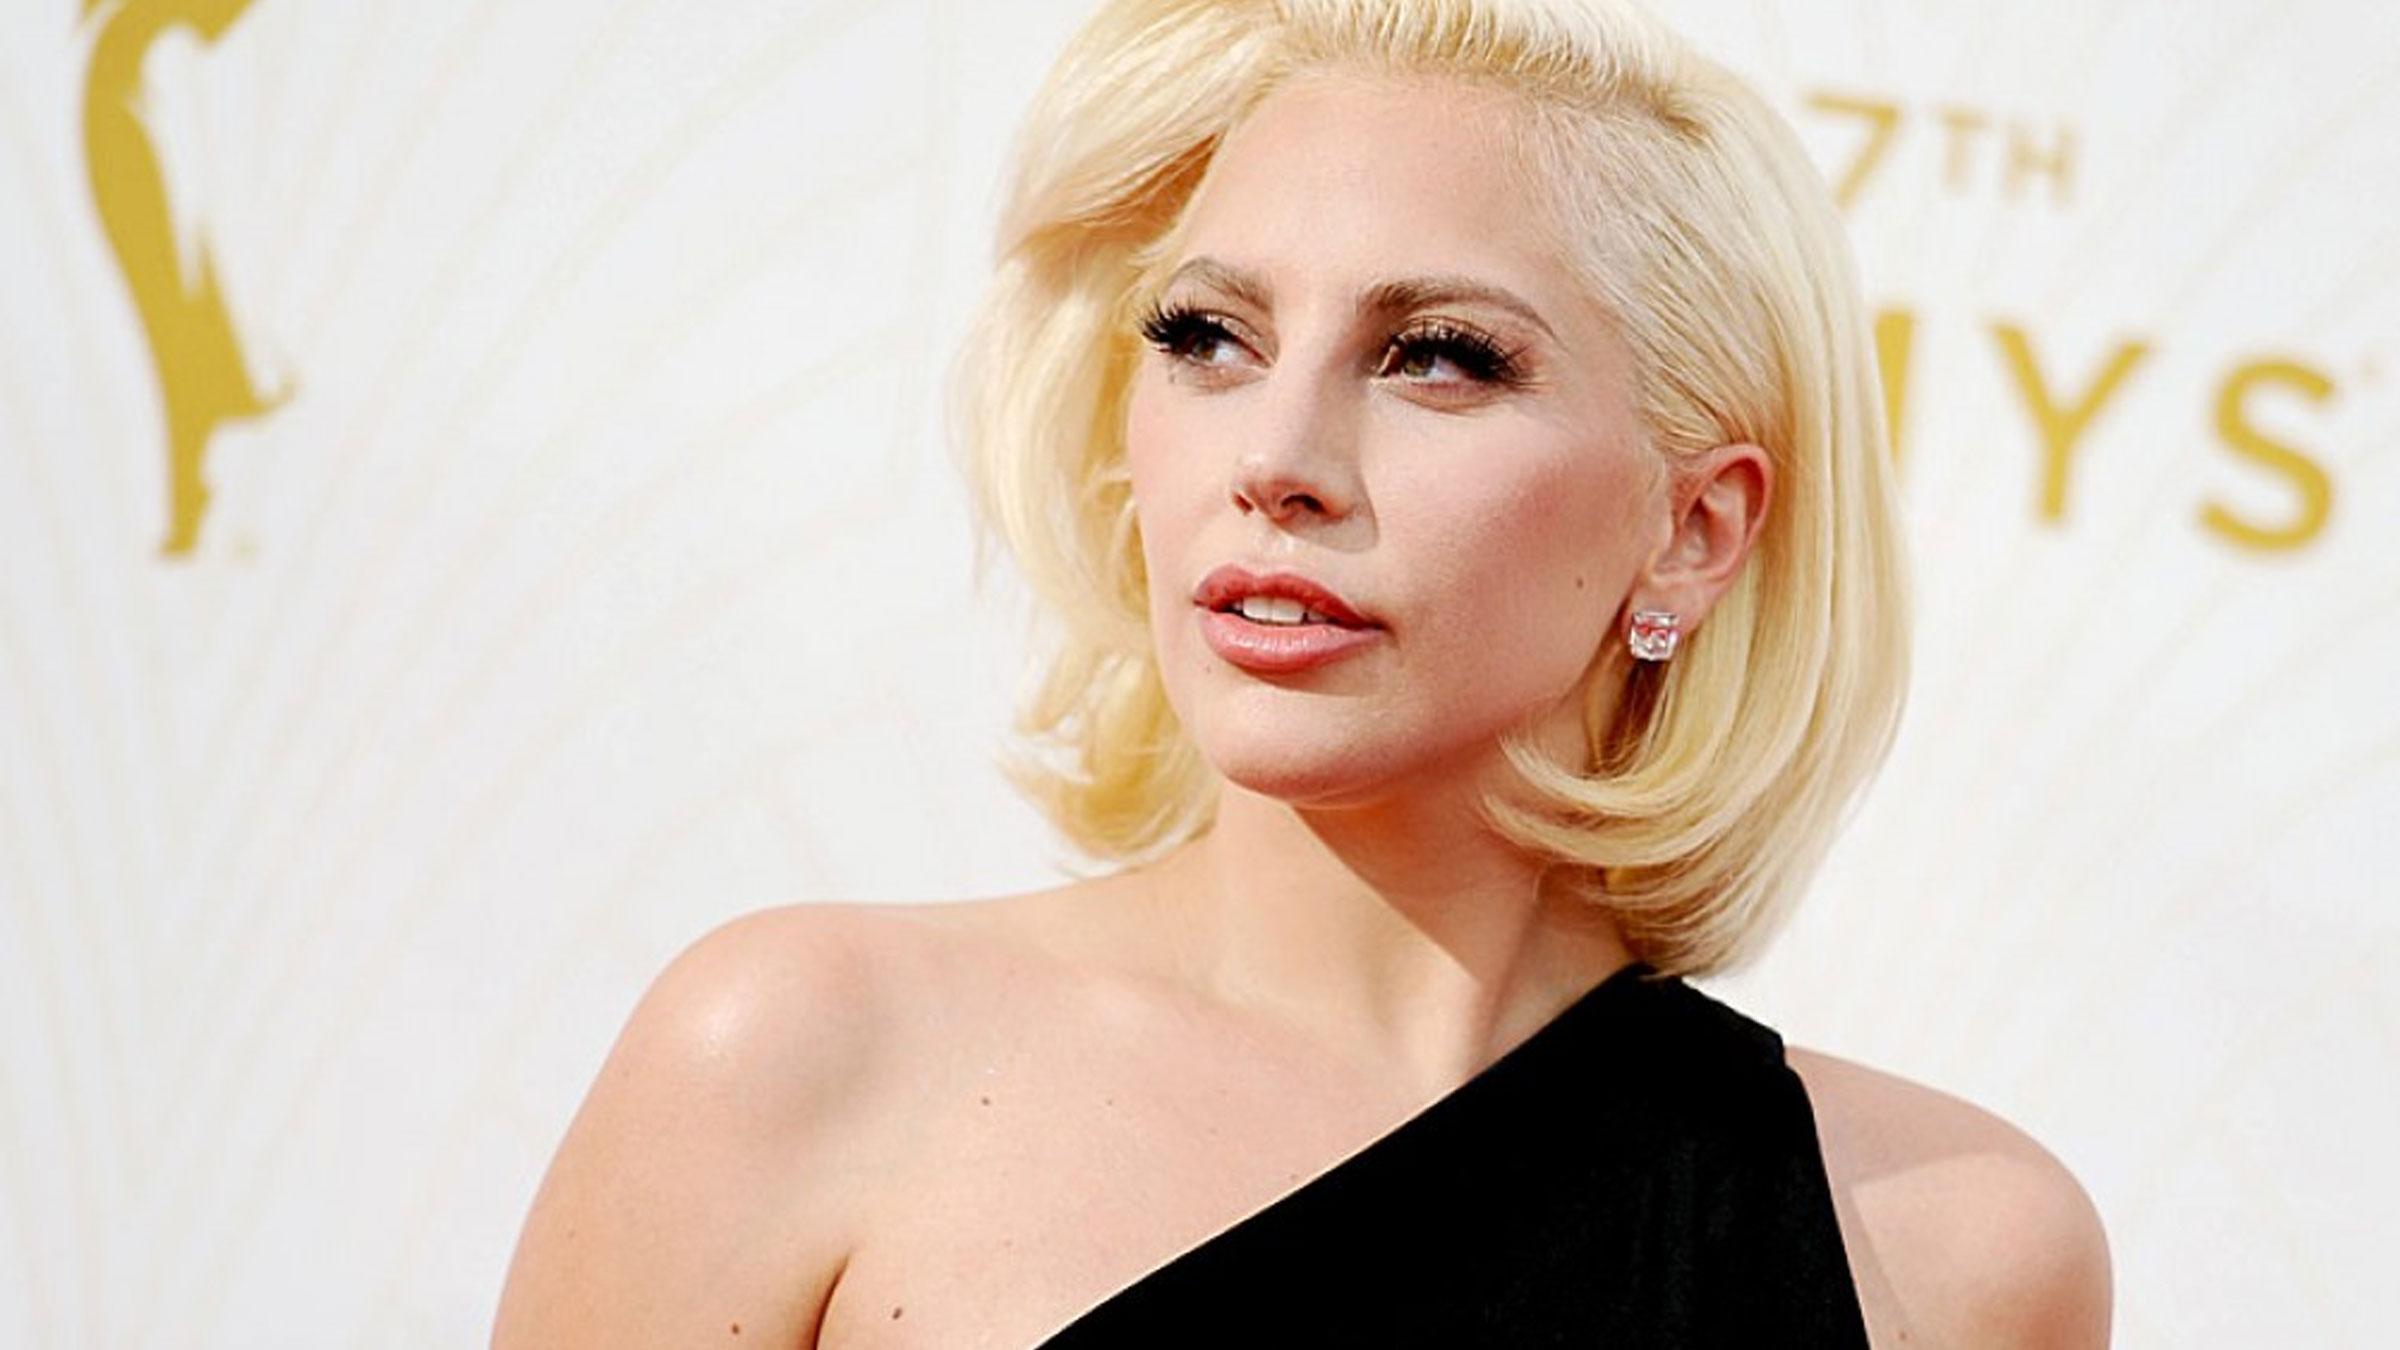 Gaga docu teaser